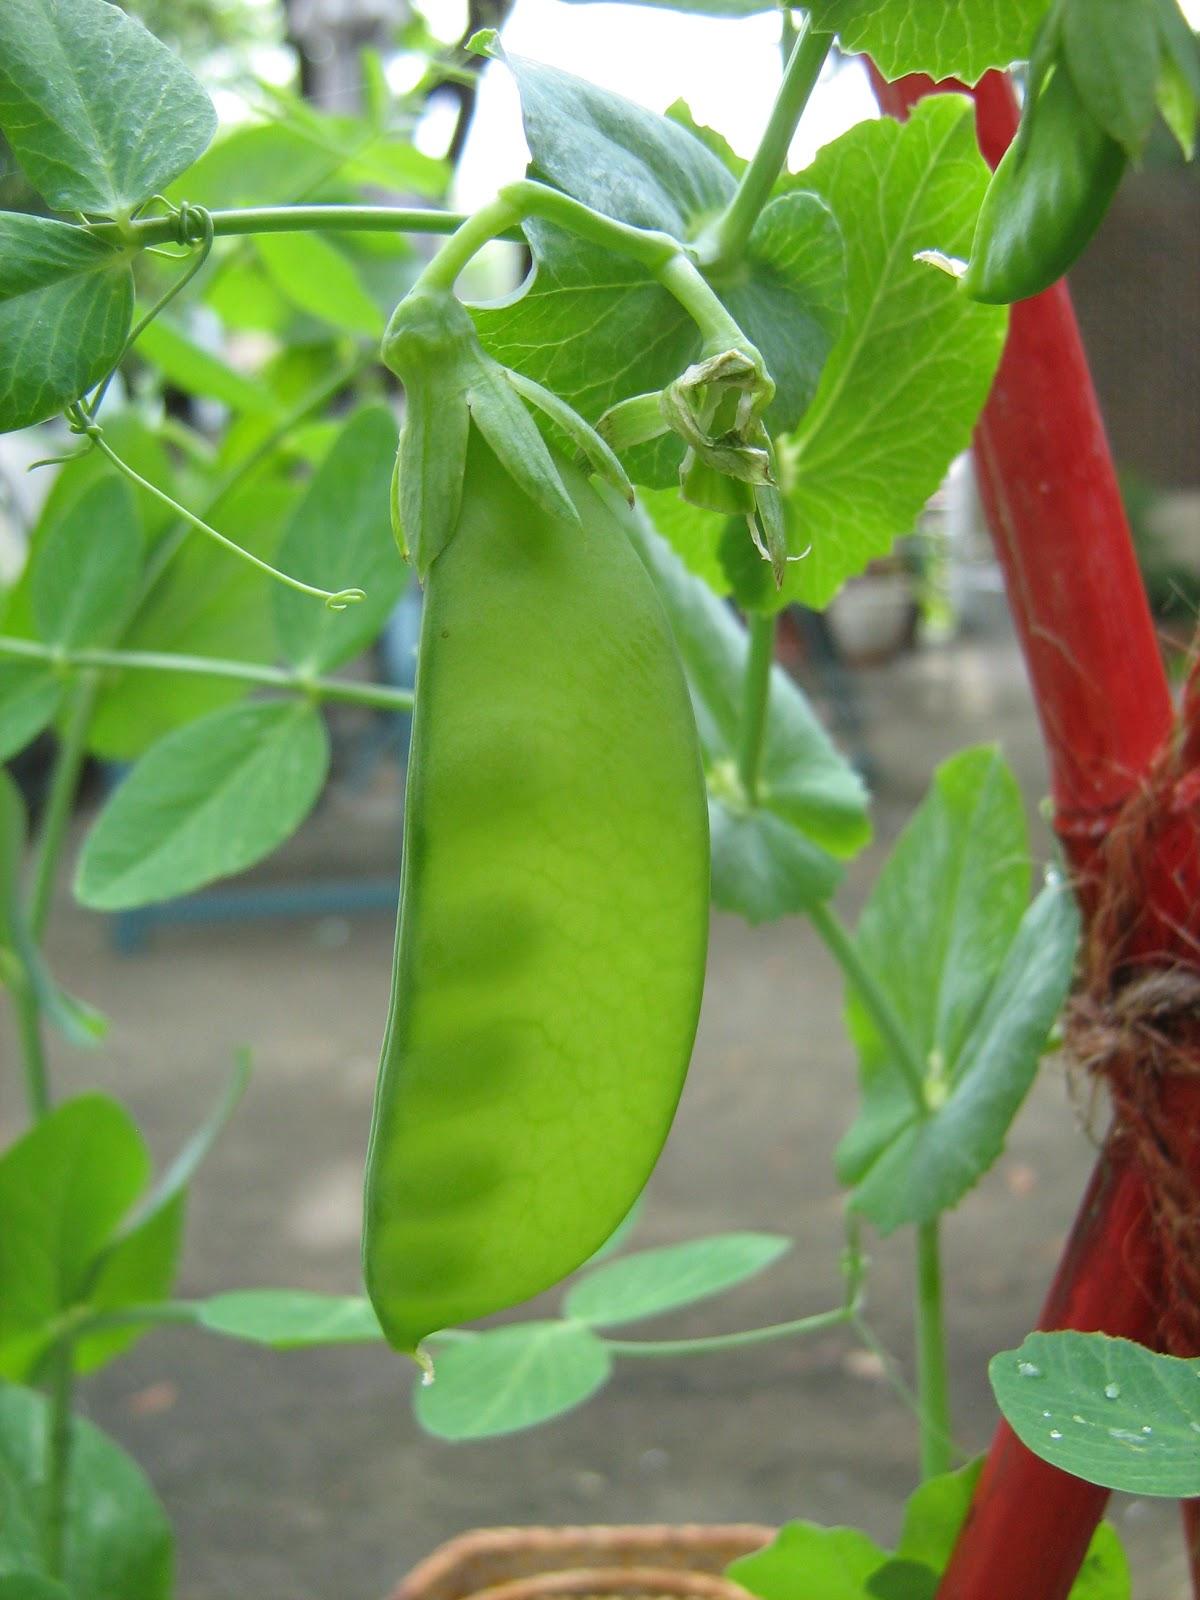 O acheter ses semences sur internet for Acheter plantes sur internet